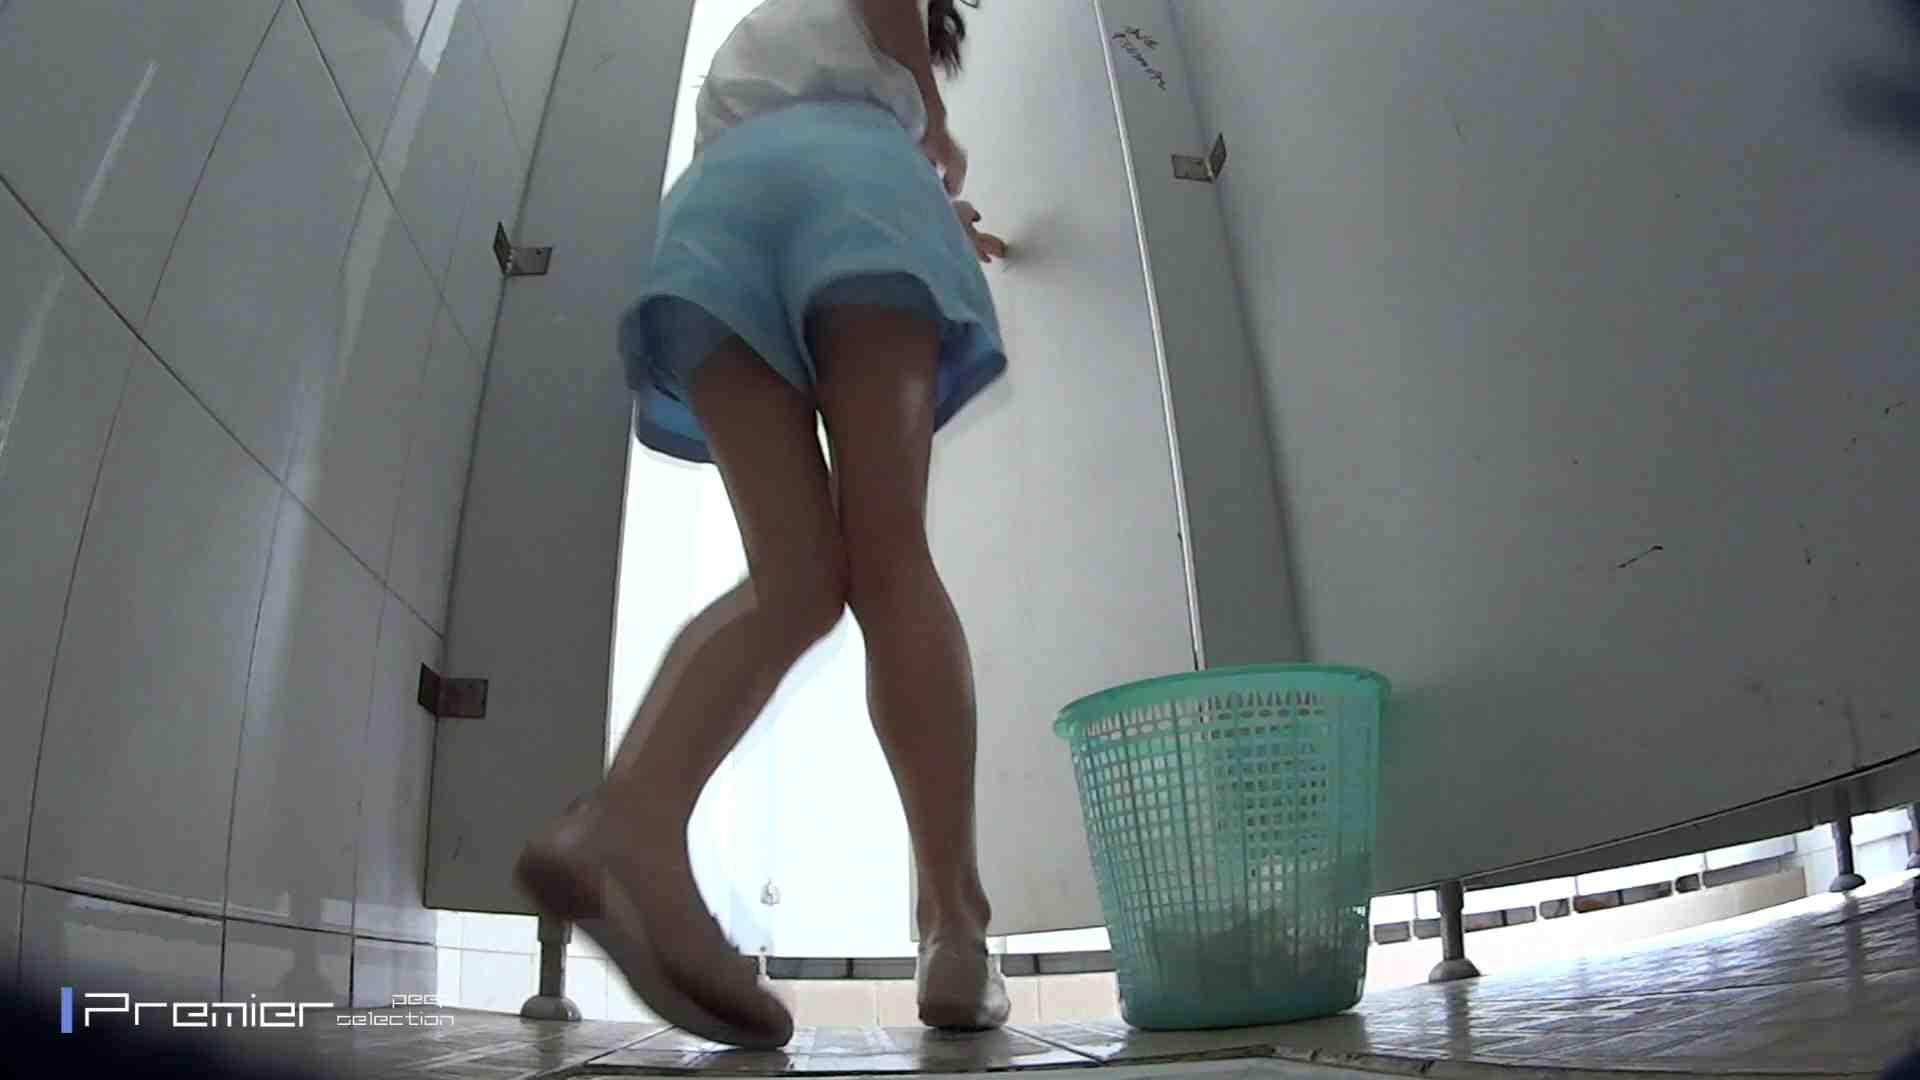 美しい女良たちのトイレ事情 有名大学休憩時間の洗面所事情06 盗撮エロすぎ | トイレ中  55連発 7